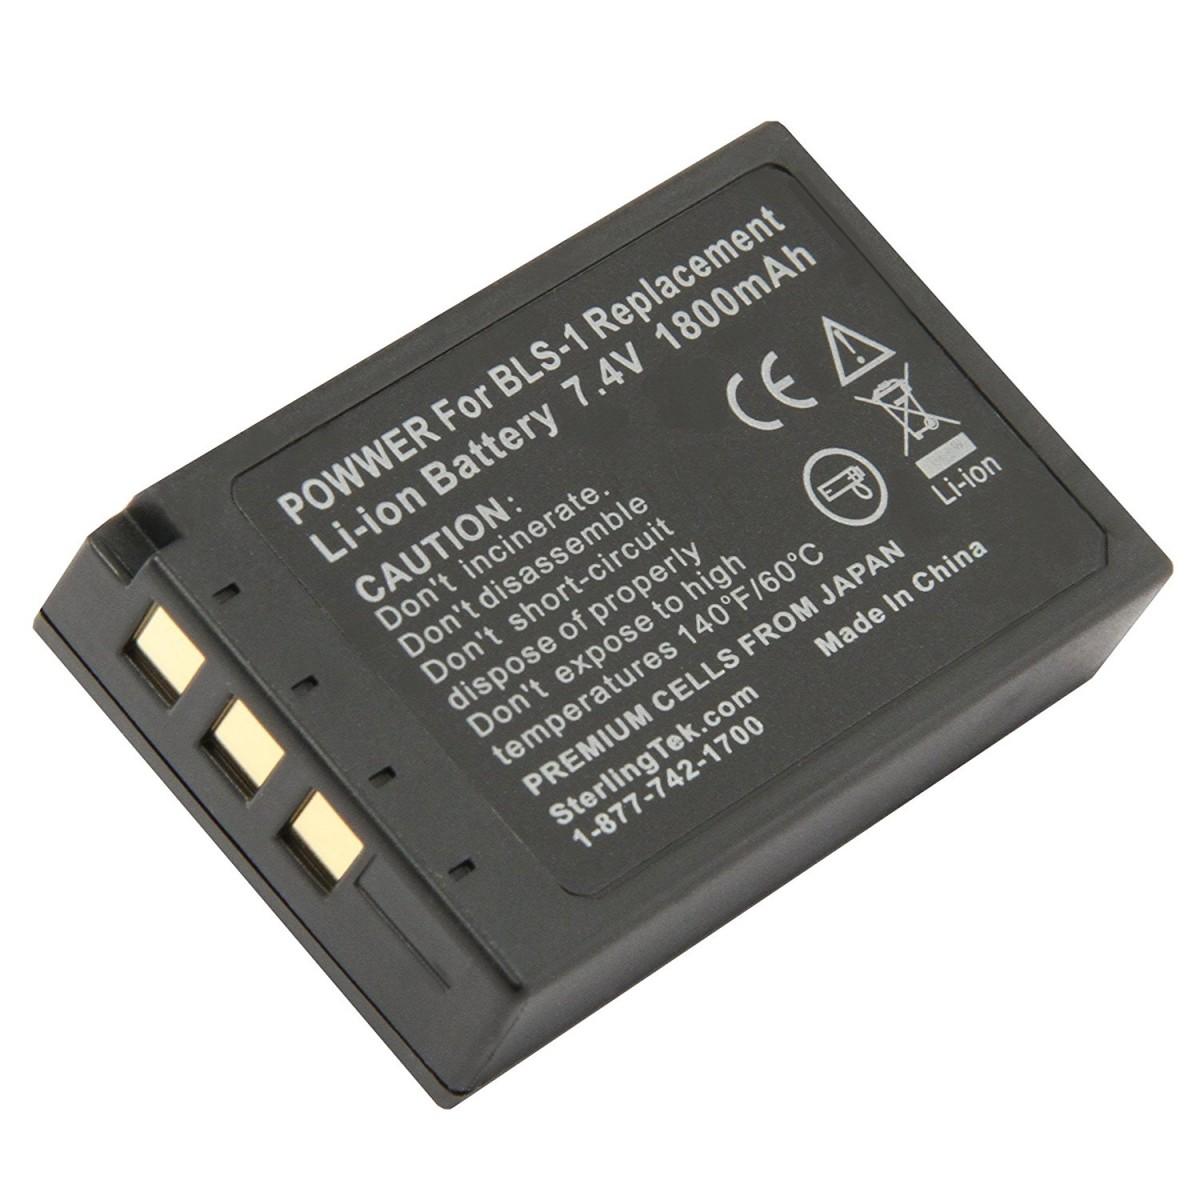 Bateria PS-BLS1 para câmera digital Olympus E-400, E-600, E-PL1 entre outras